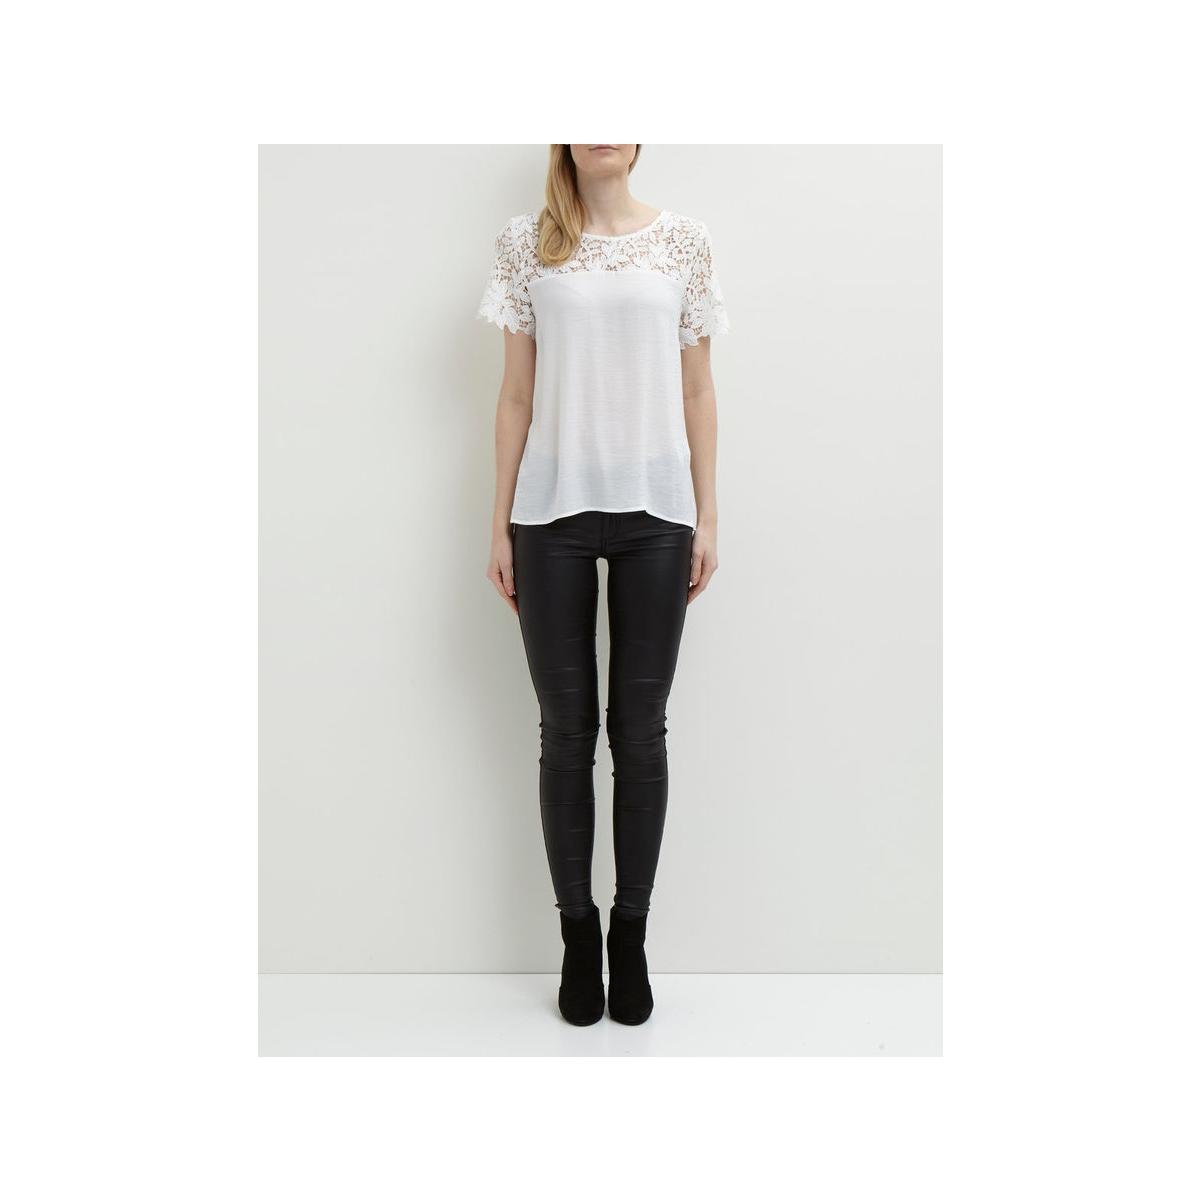 vimelli blocked lace top-noos 14040960 vila t-shirt cloud dancer